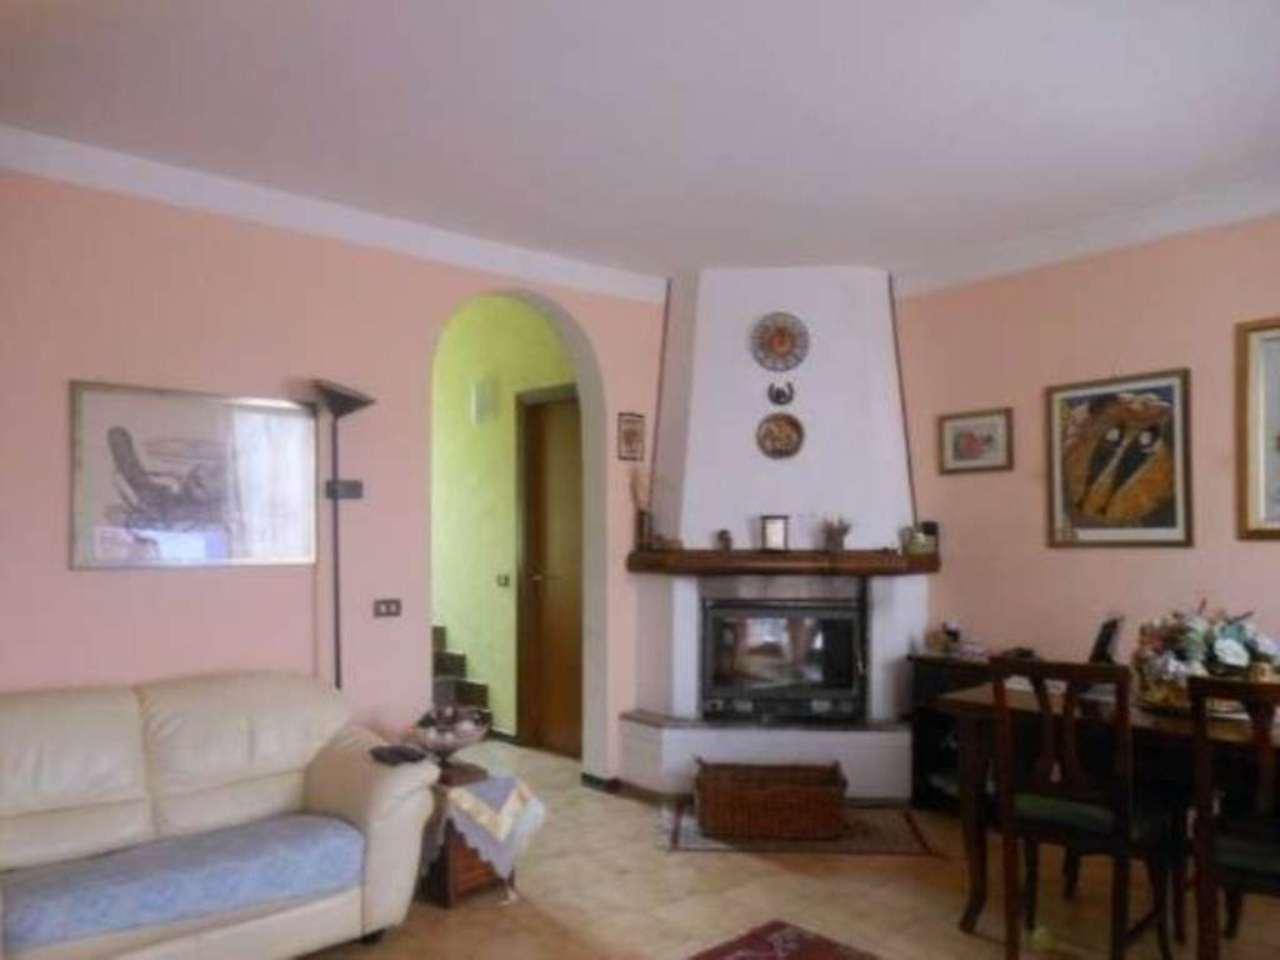 Soluzione Indipendente in vendita a Luino, 6 locali, prezzo € 240.000 | Cambio Casa.it